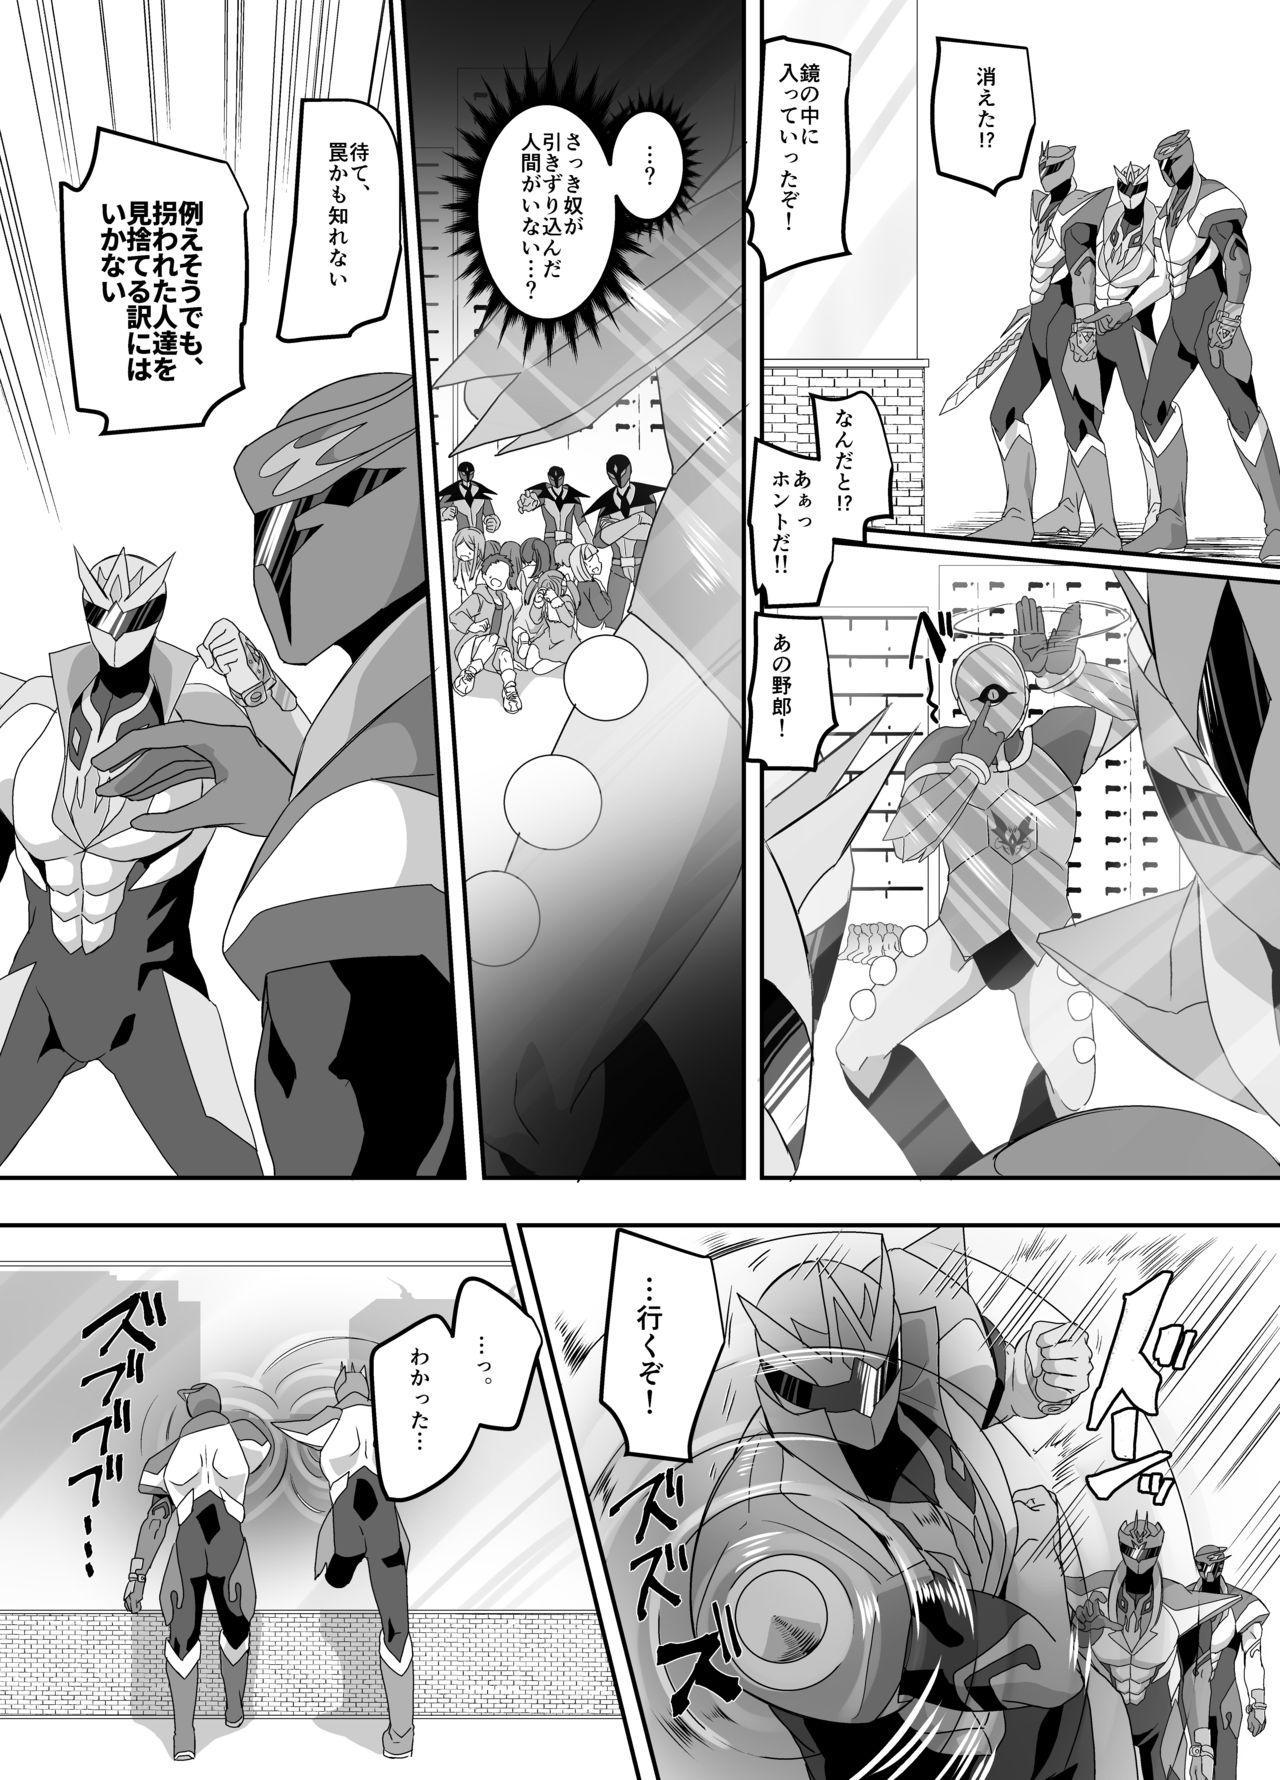 Saikyou no Seigi no Hero wa Kagami no Naka dewa Saijaku no Kaijin 5